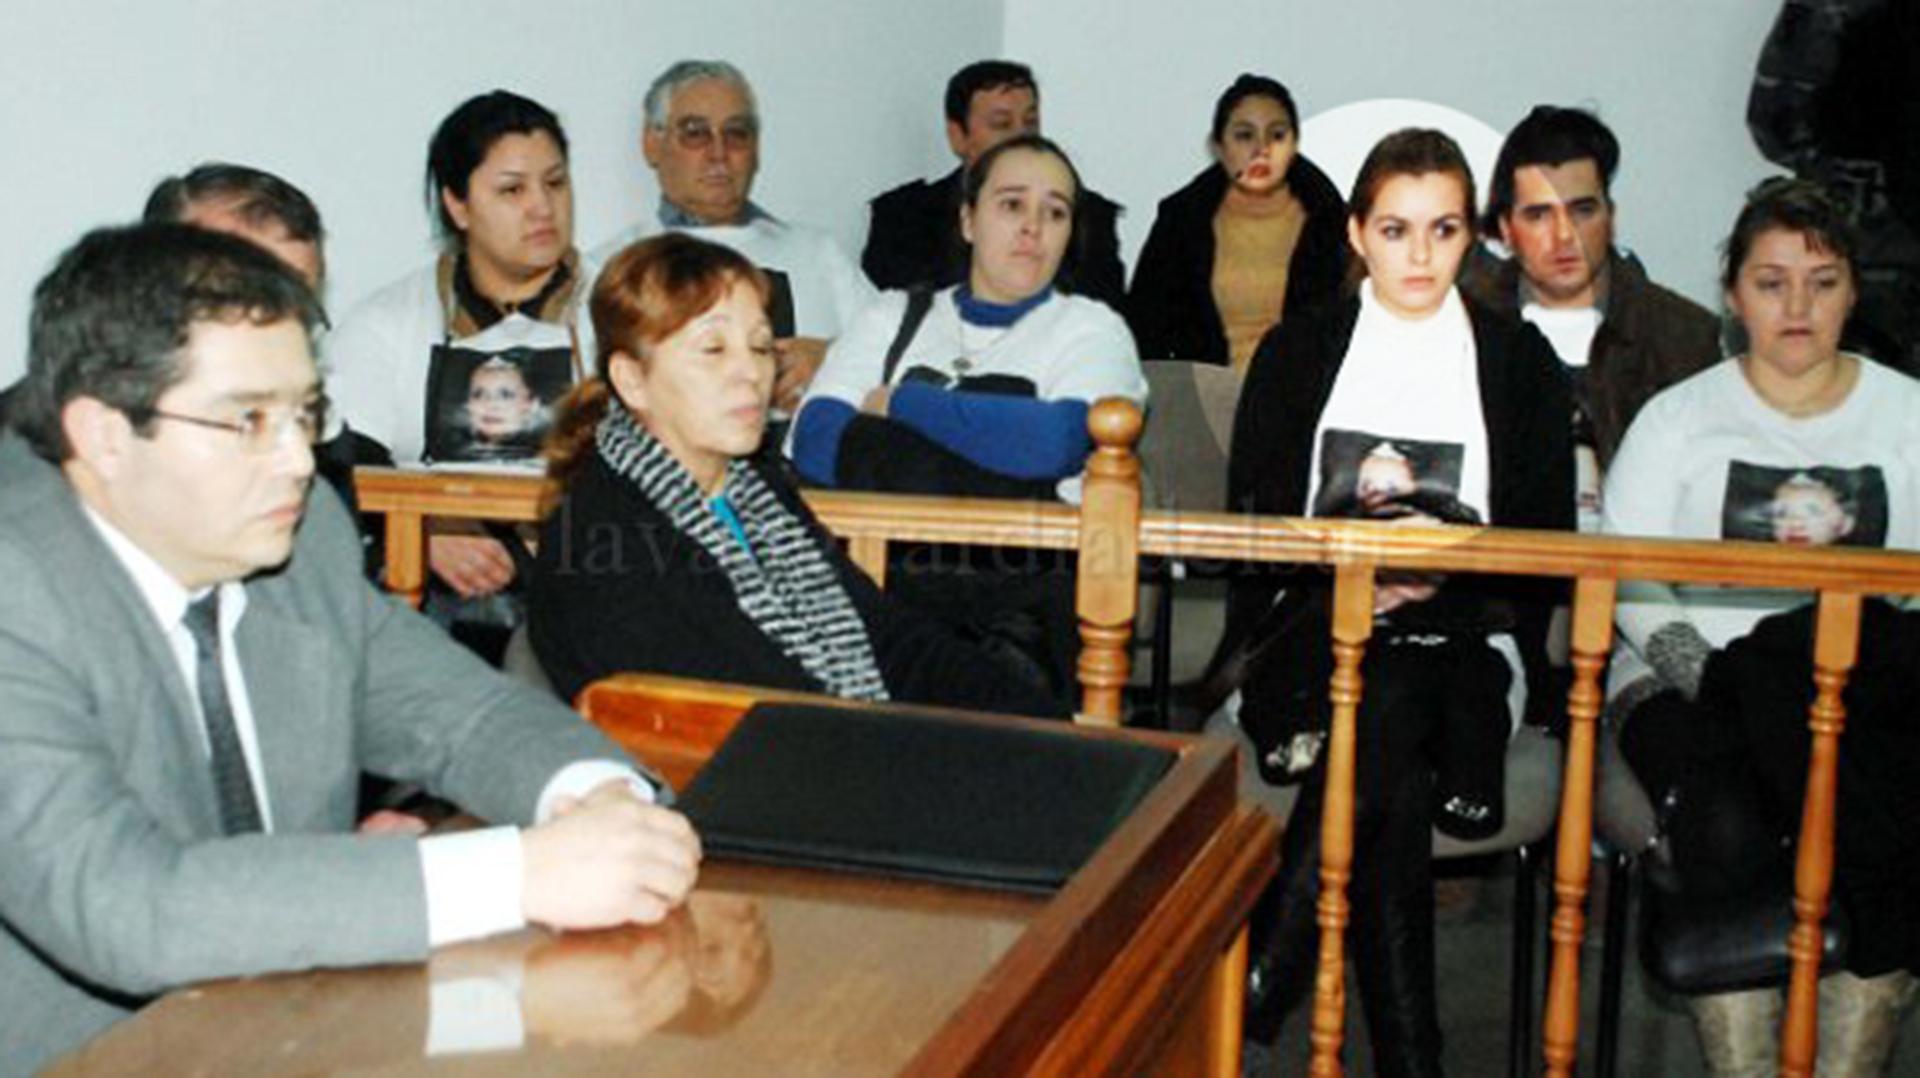 El juicio por la muerte de Johana. Edith estuvo entre los asistentes con una remera con la imagen de su hermana